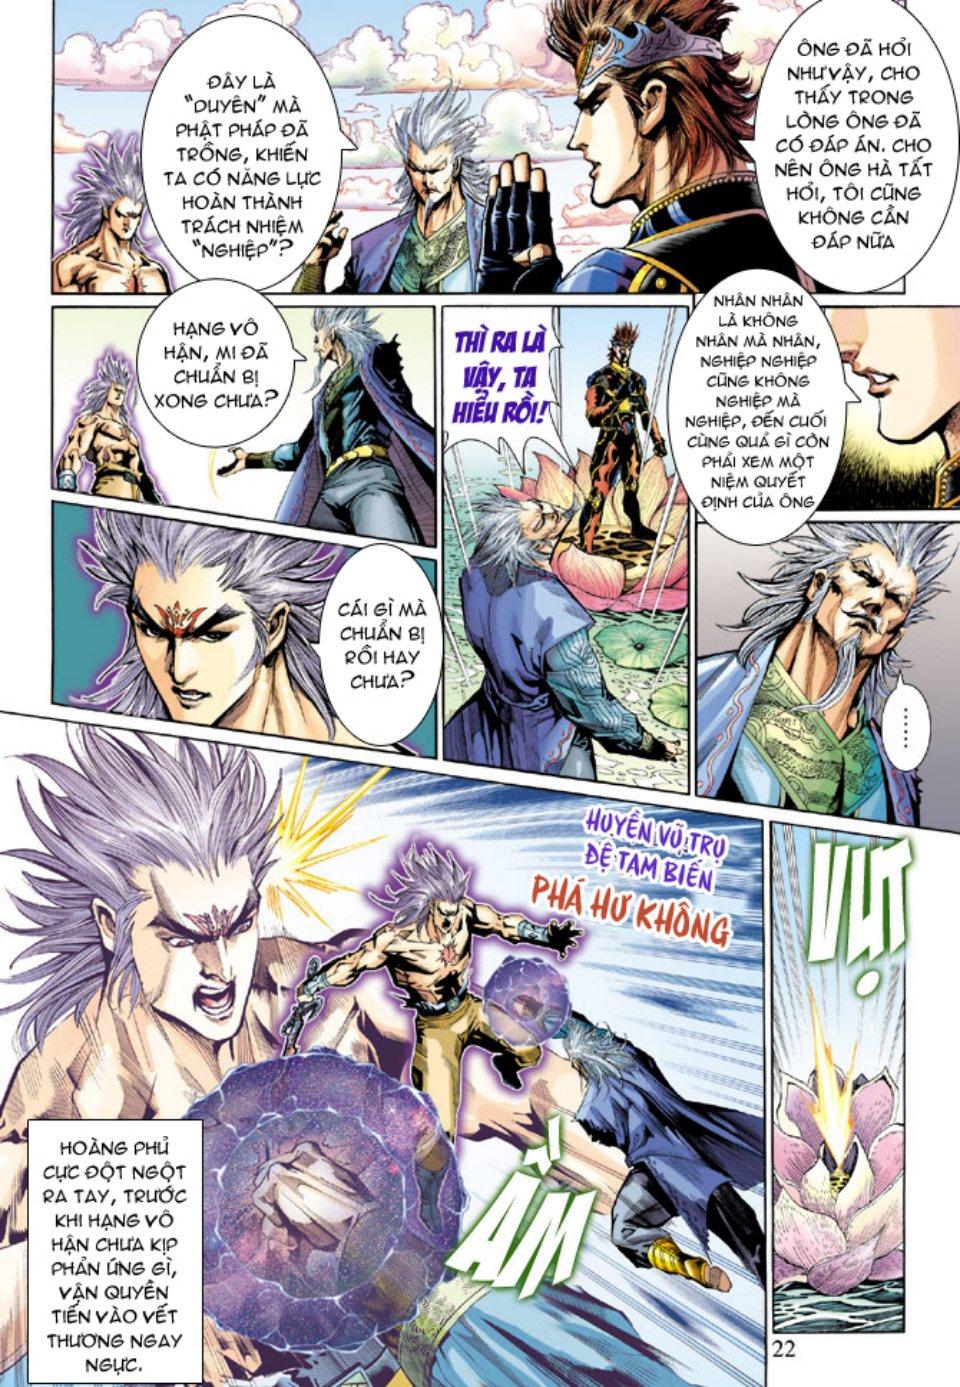 Thiên Tử Truyền Kỳ 5 - Như Lai Thần Chưởng chap 214 - Trang 21